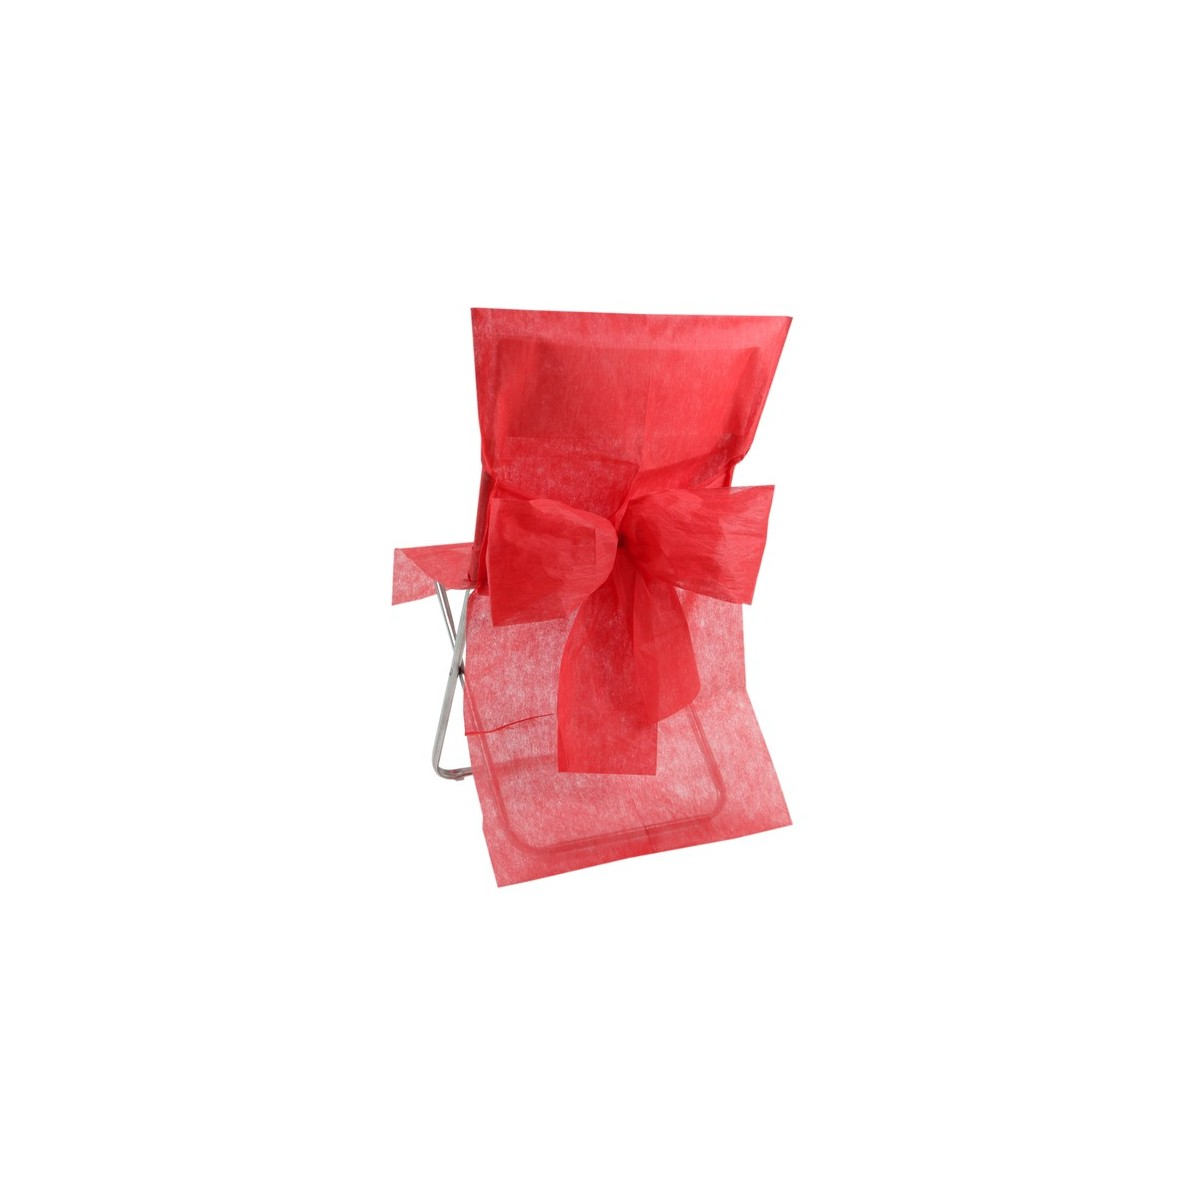 10 housses de chaise rouges les p tites f es. Black Bedroom Furniture Sets. Home Design Ideas